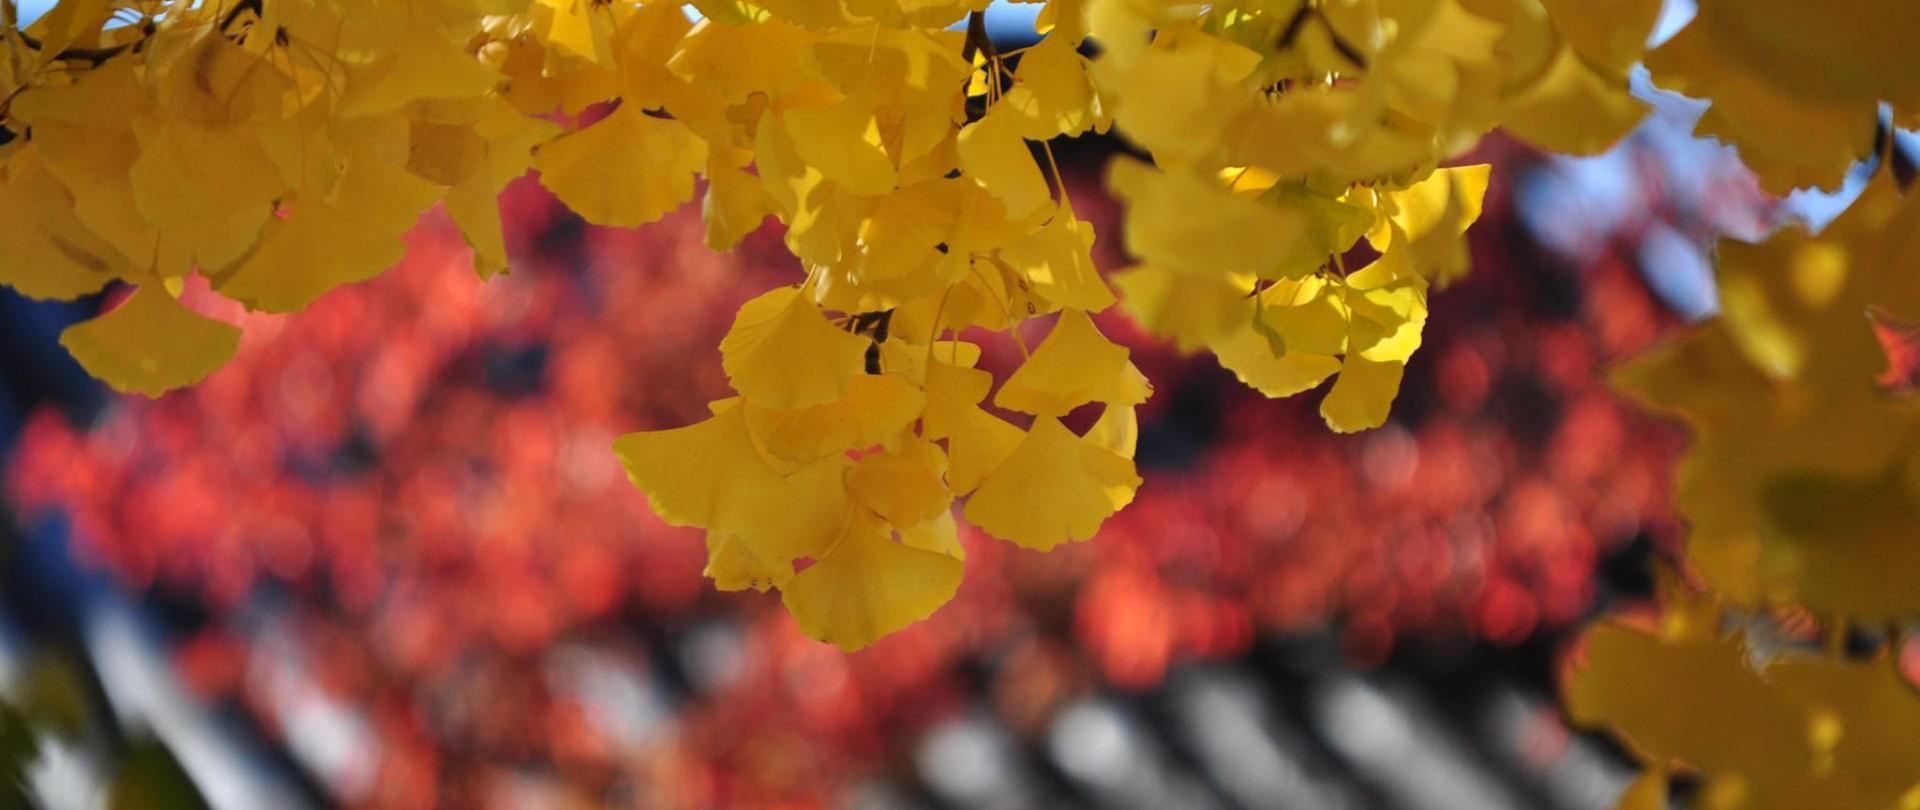 autumn image100.jpg